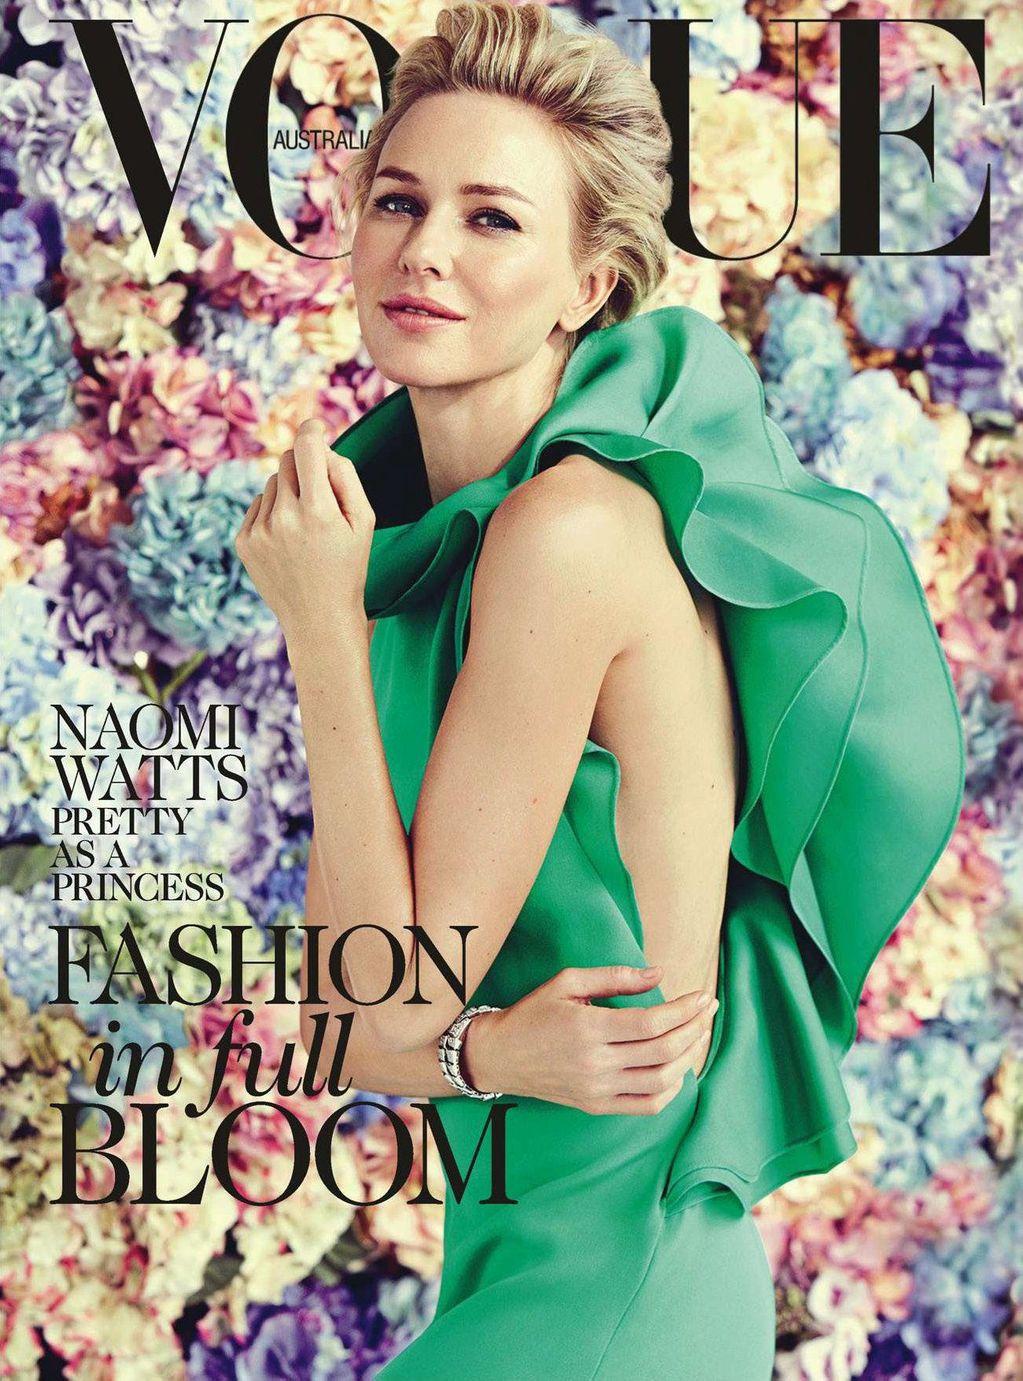 Naomi_Davidson_Vogue_Australia_February_2013_Cov